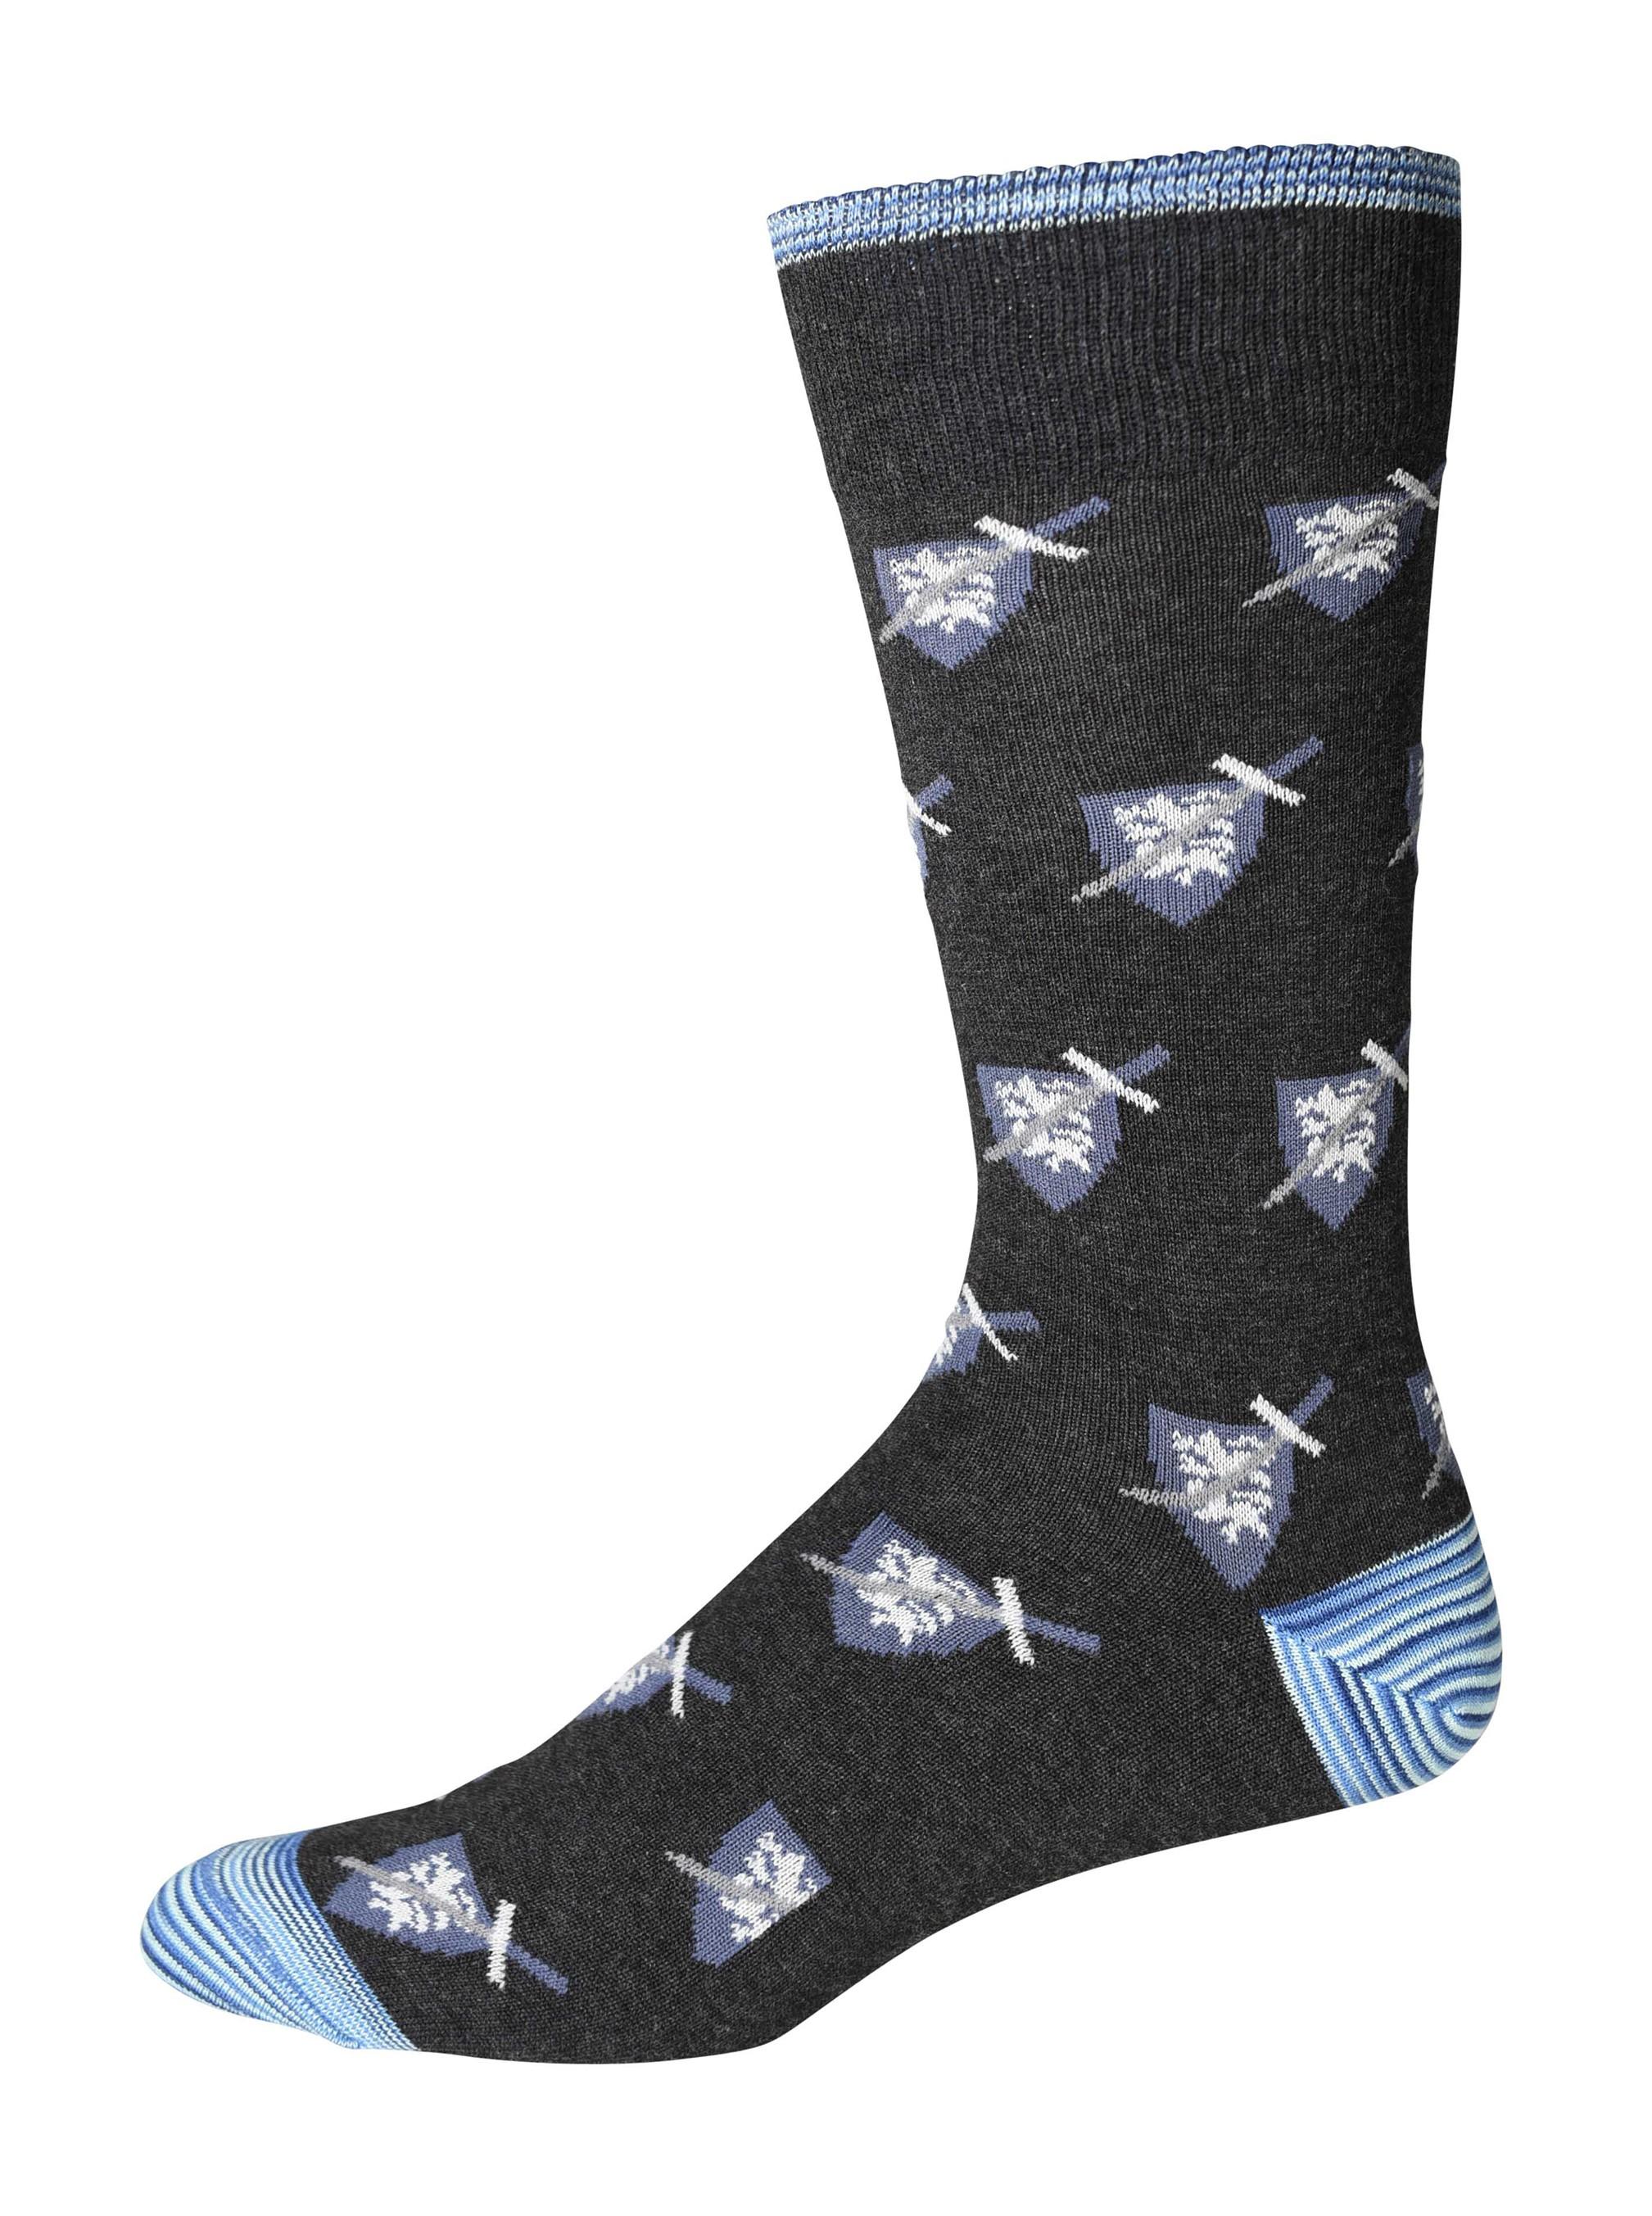 printed socks robert graham